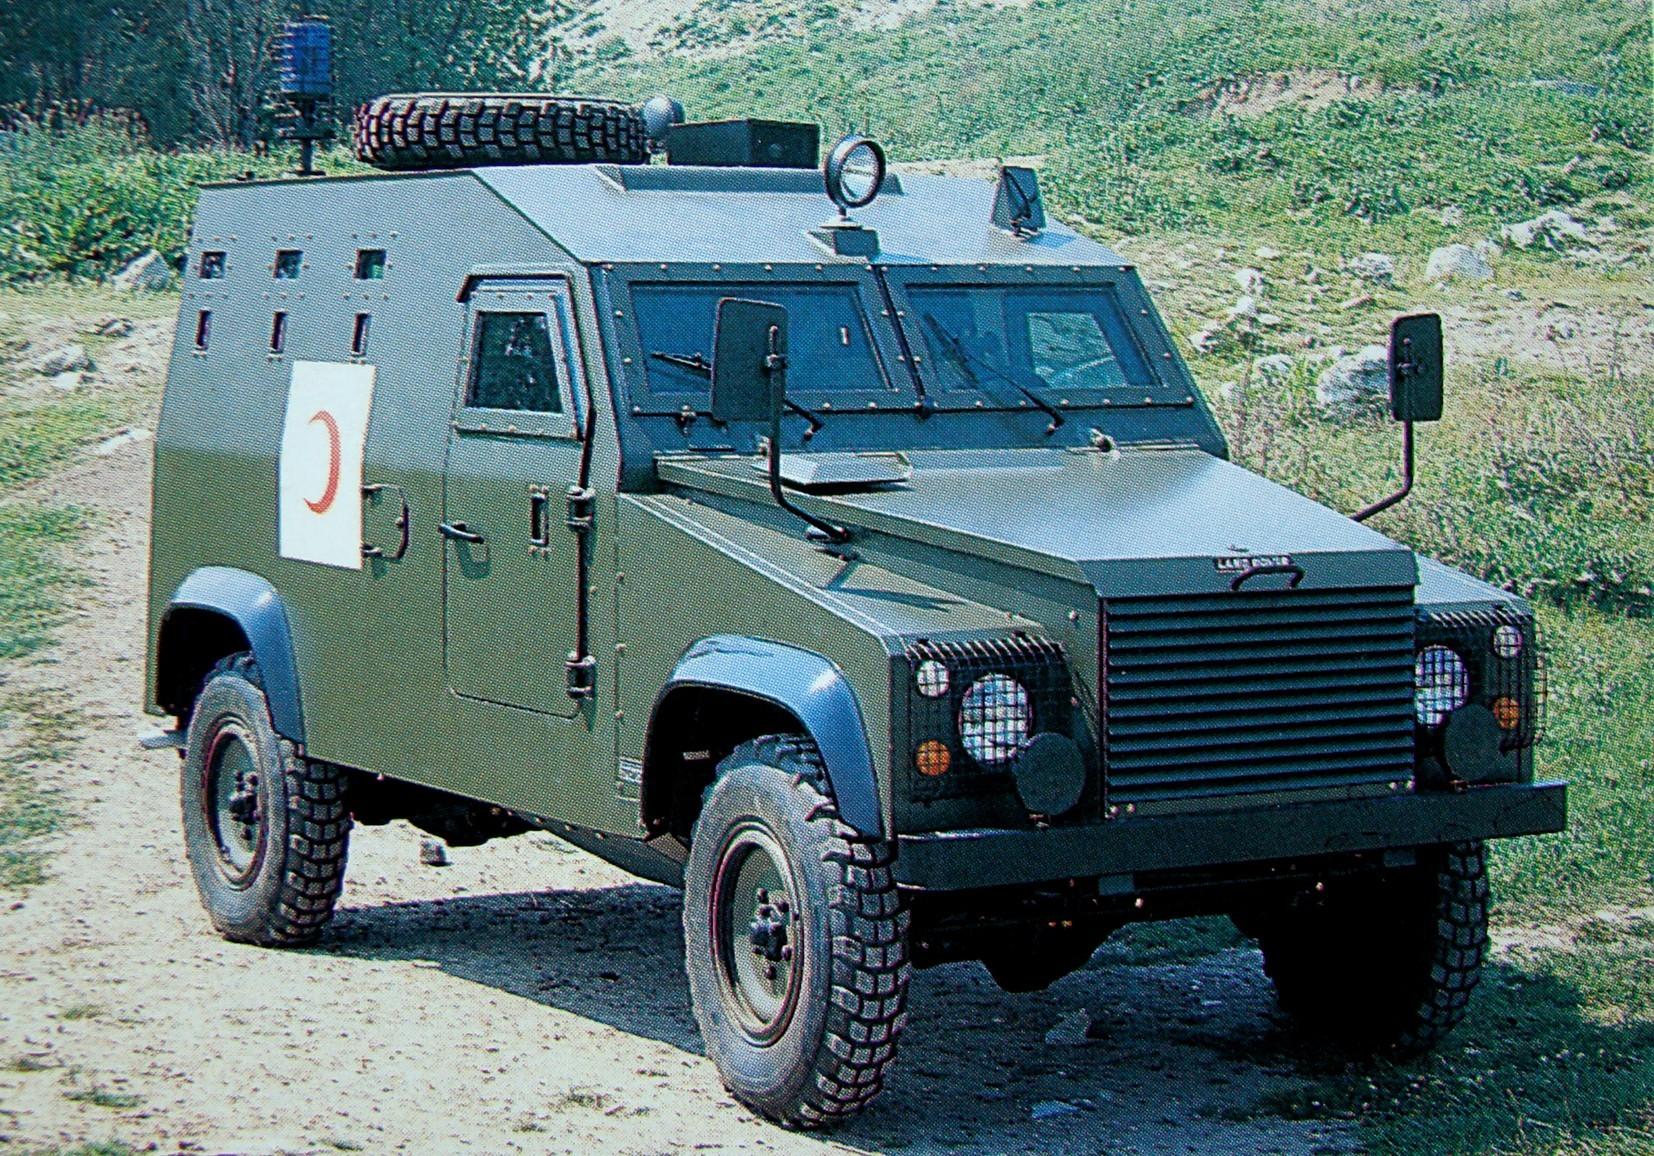 Санитарная бронемашина Otokar APV для доставки четырех раненых